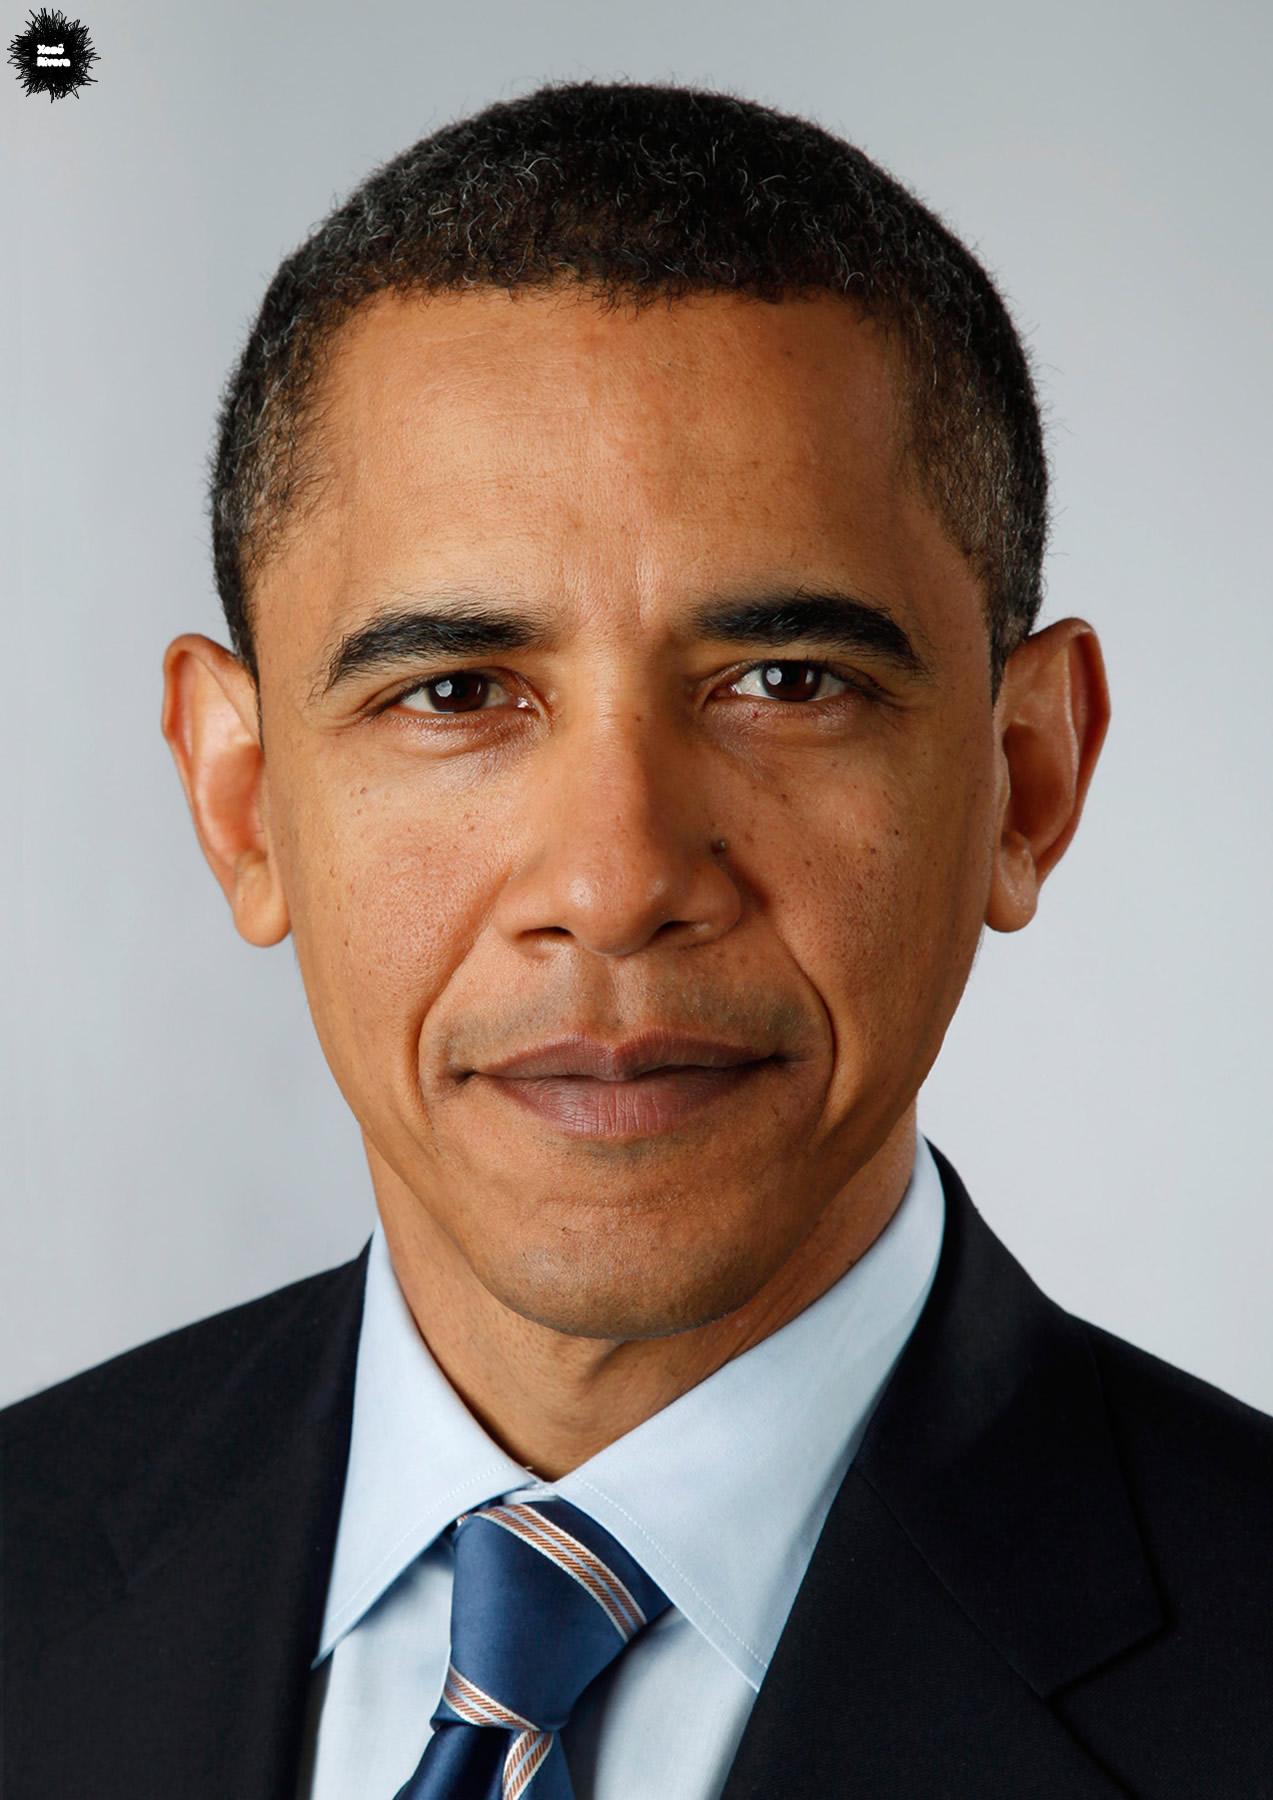 Barack Obama Negro